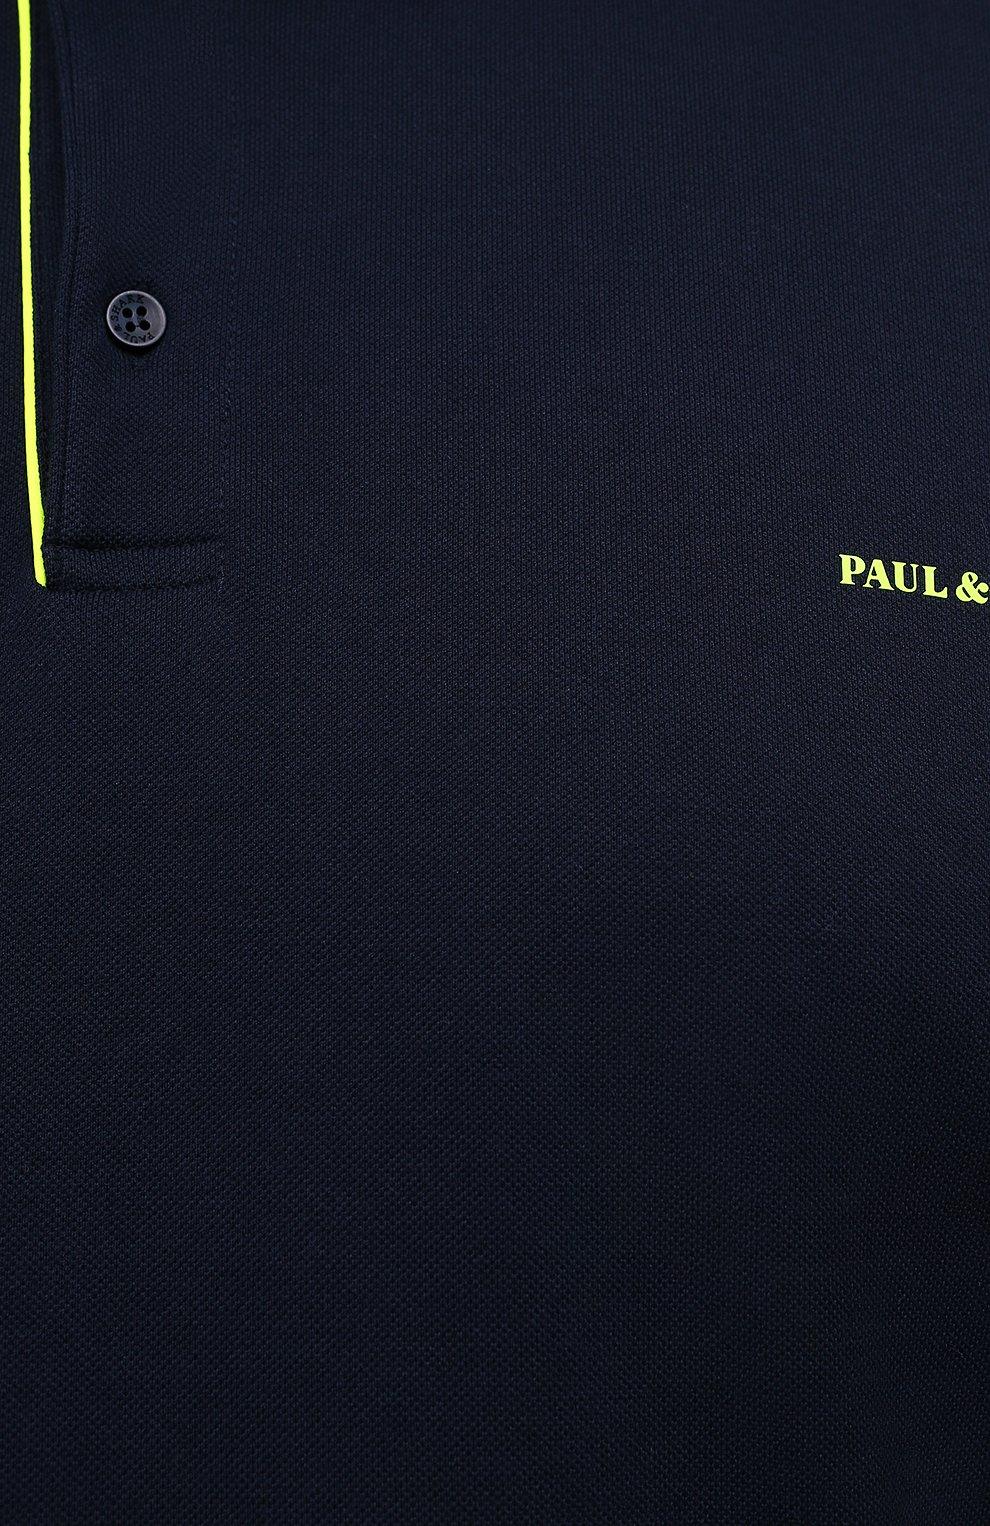 Мужское хлопковое поло PAUL&SHARK темно-синего цвета, арт. 11311717/C00/3XL-6XL | Фото 5 (Застежка: Пуговицы; Рукава: Длинные; Длина (для топов): Удлиненные; Материал внешний: Хлопок; Стили: Кэжуэл)